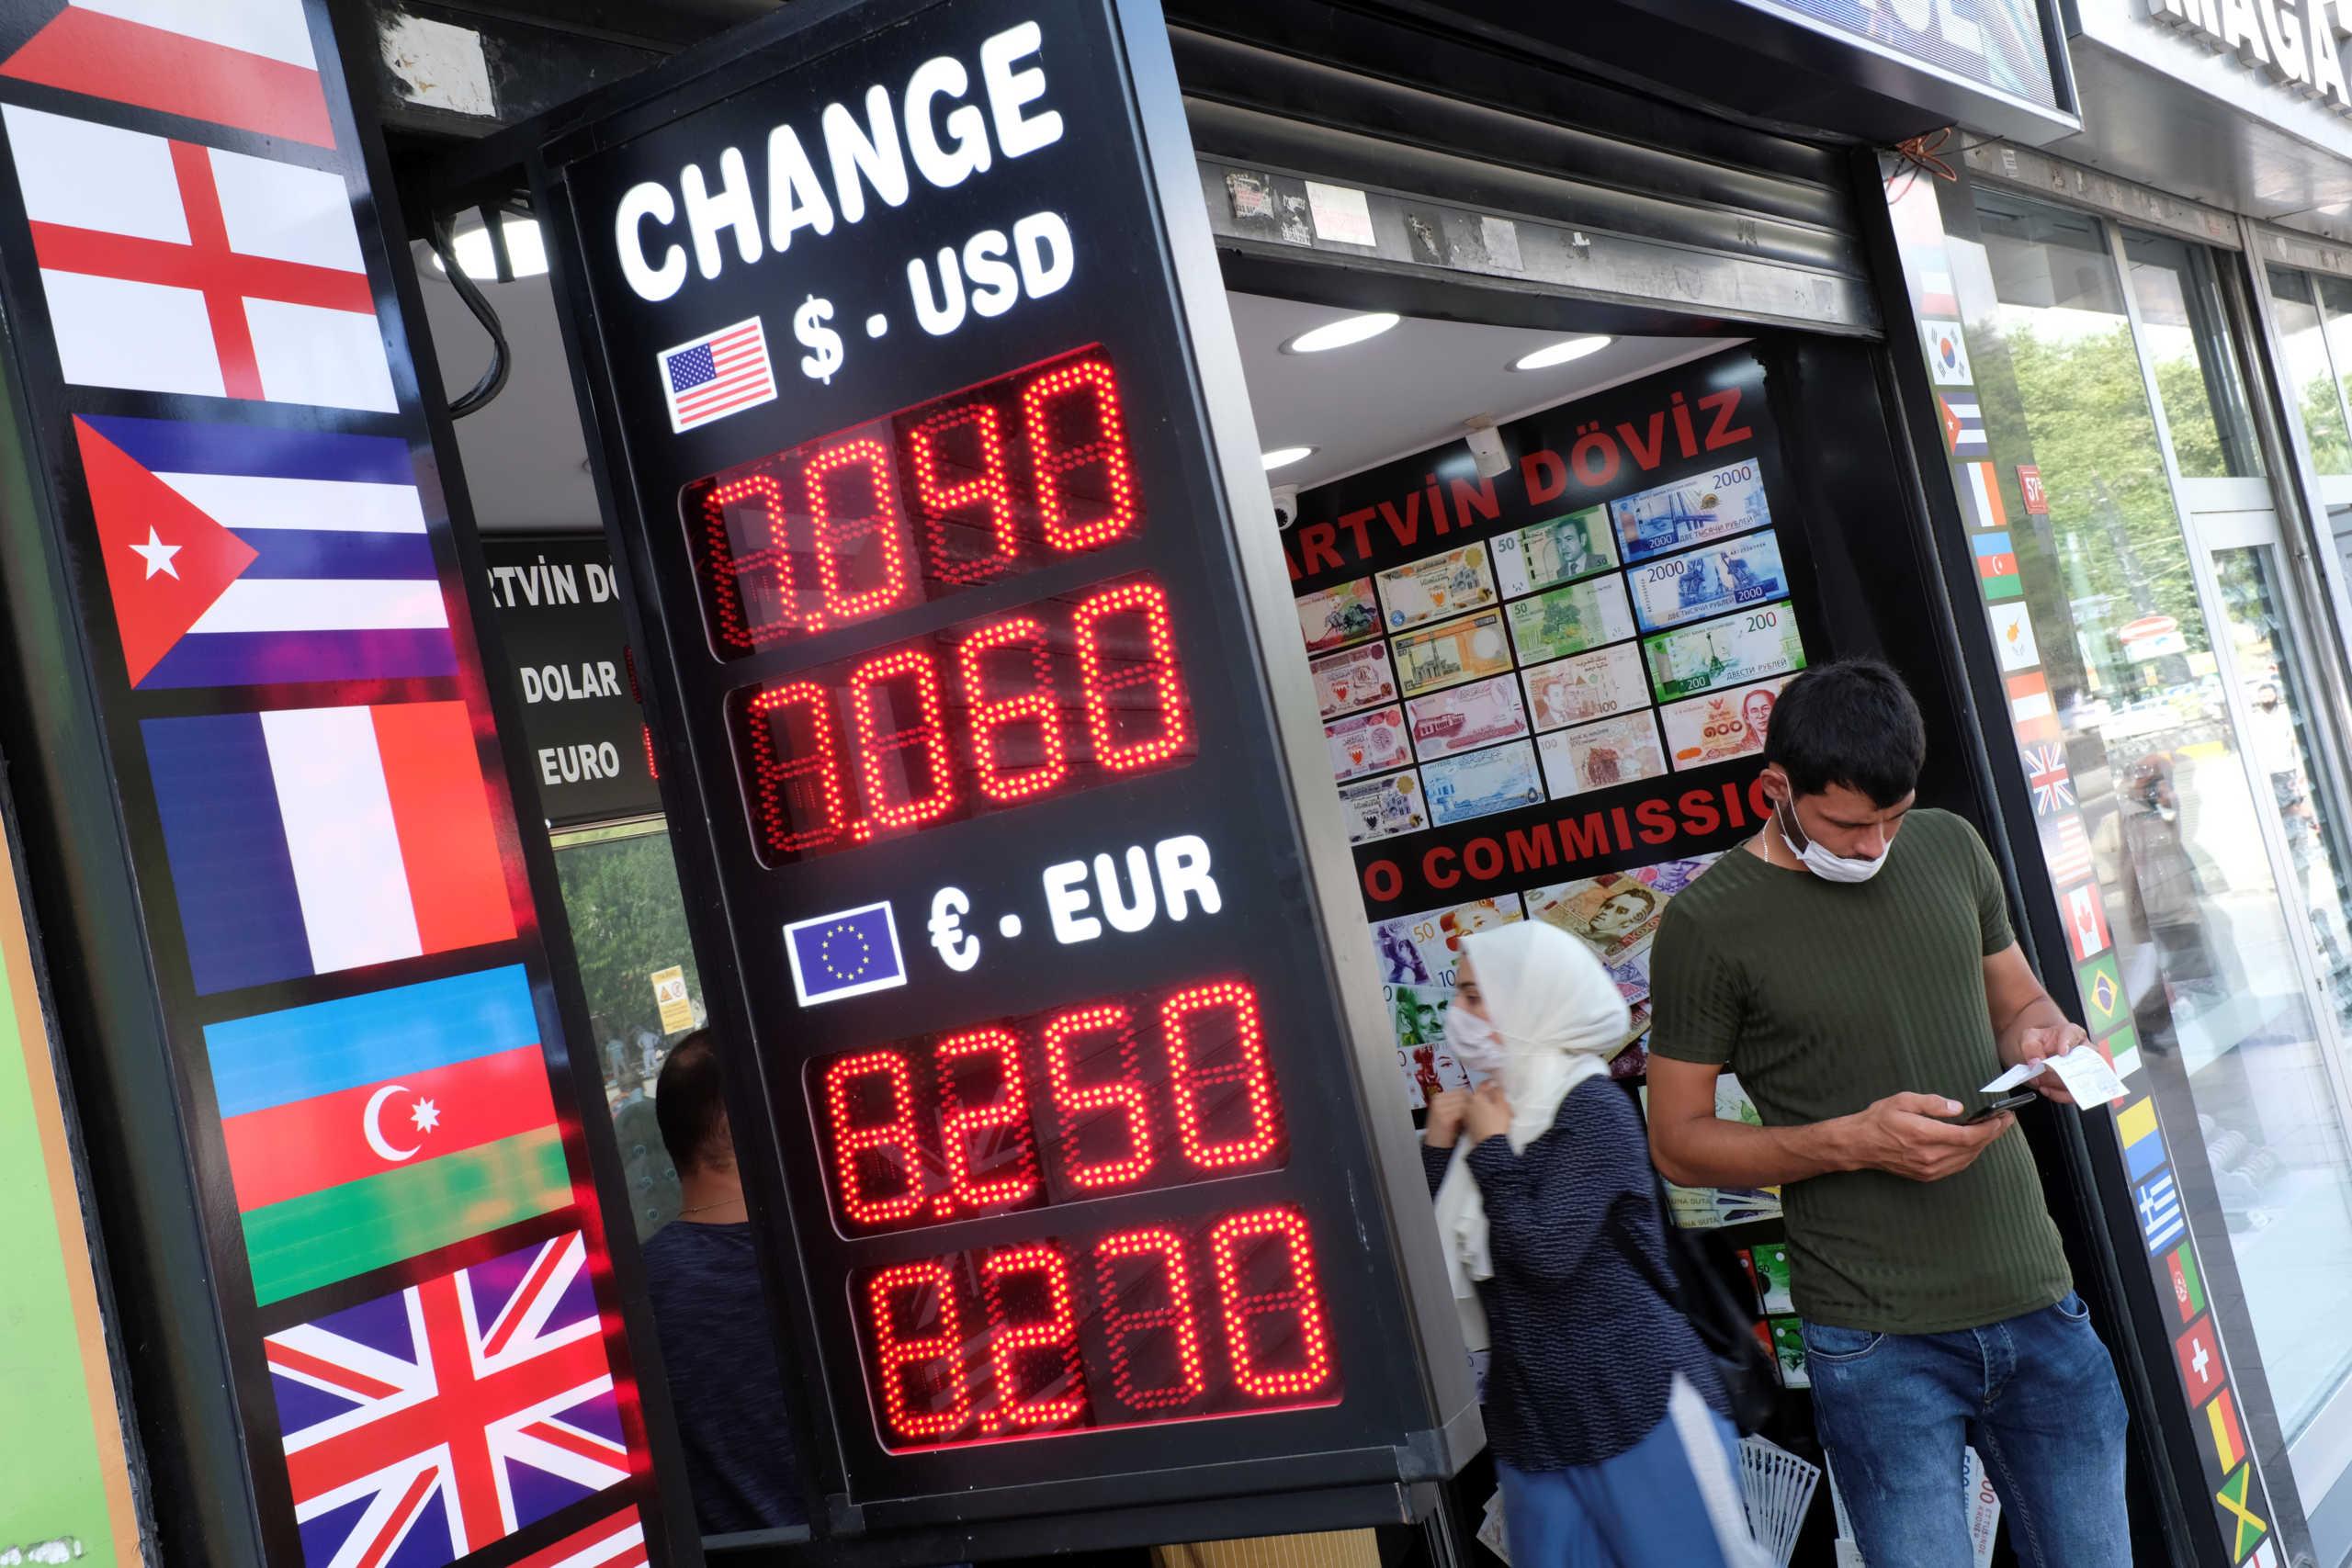 ΟΟΣΑ: Μεγάλη πτώση του ΑΕΠ των χωρών – μελών κατά 9,8% στο β΄τρίμηνο του 2020